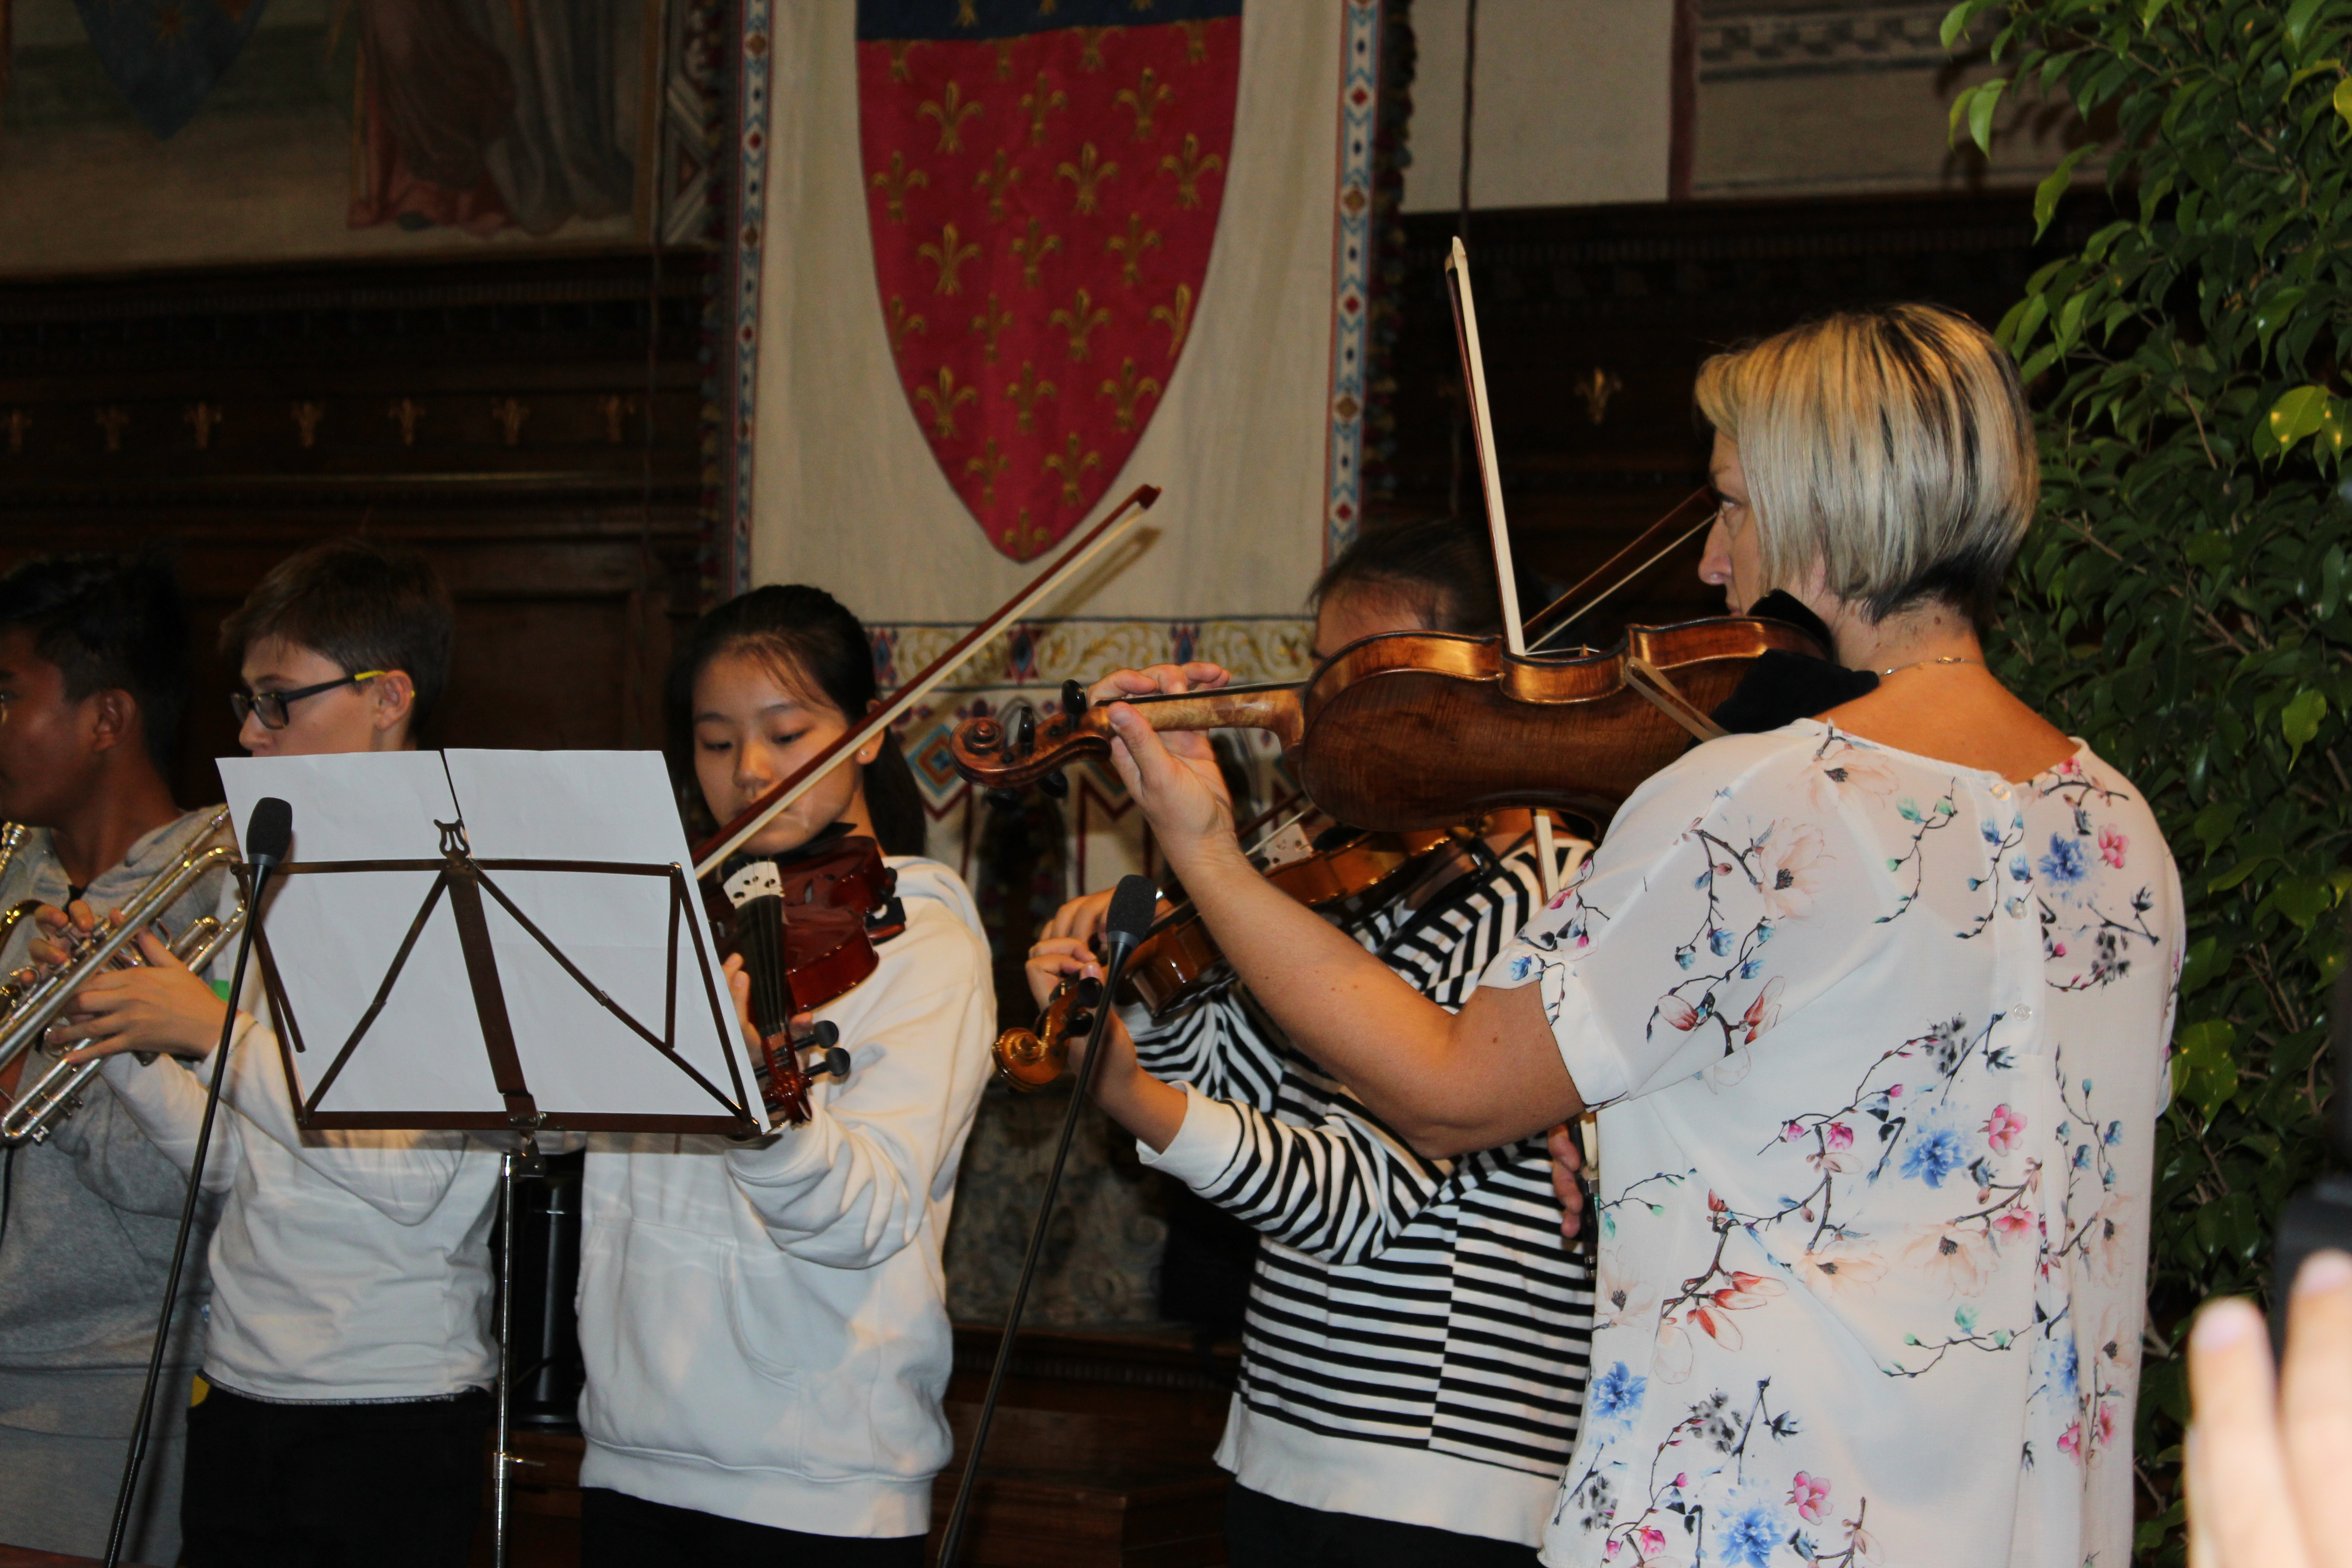 <p>Inizio delle celebrazioni: iragazzi della scuola di Prato suonano l'inno austriaco e italiano.</p>